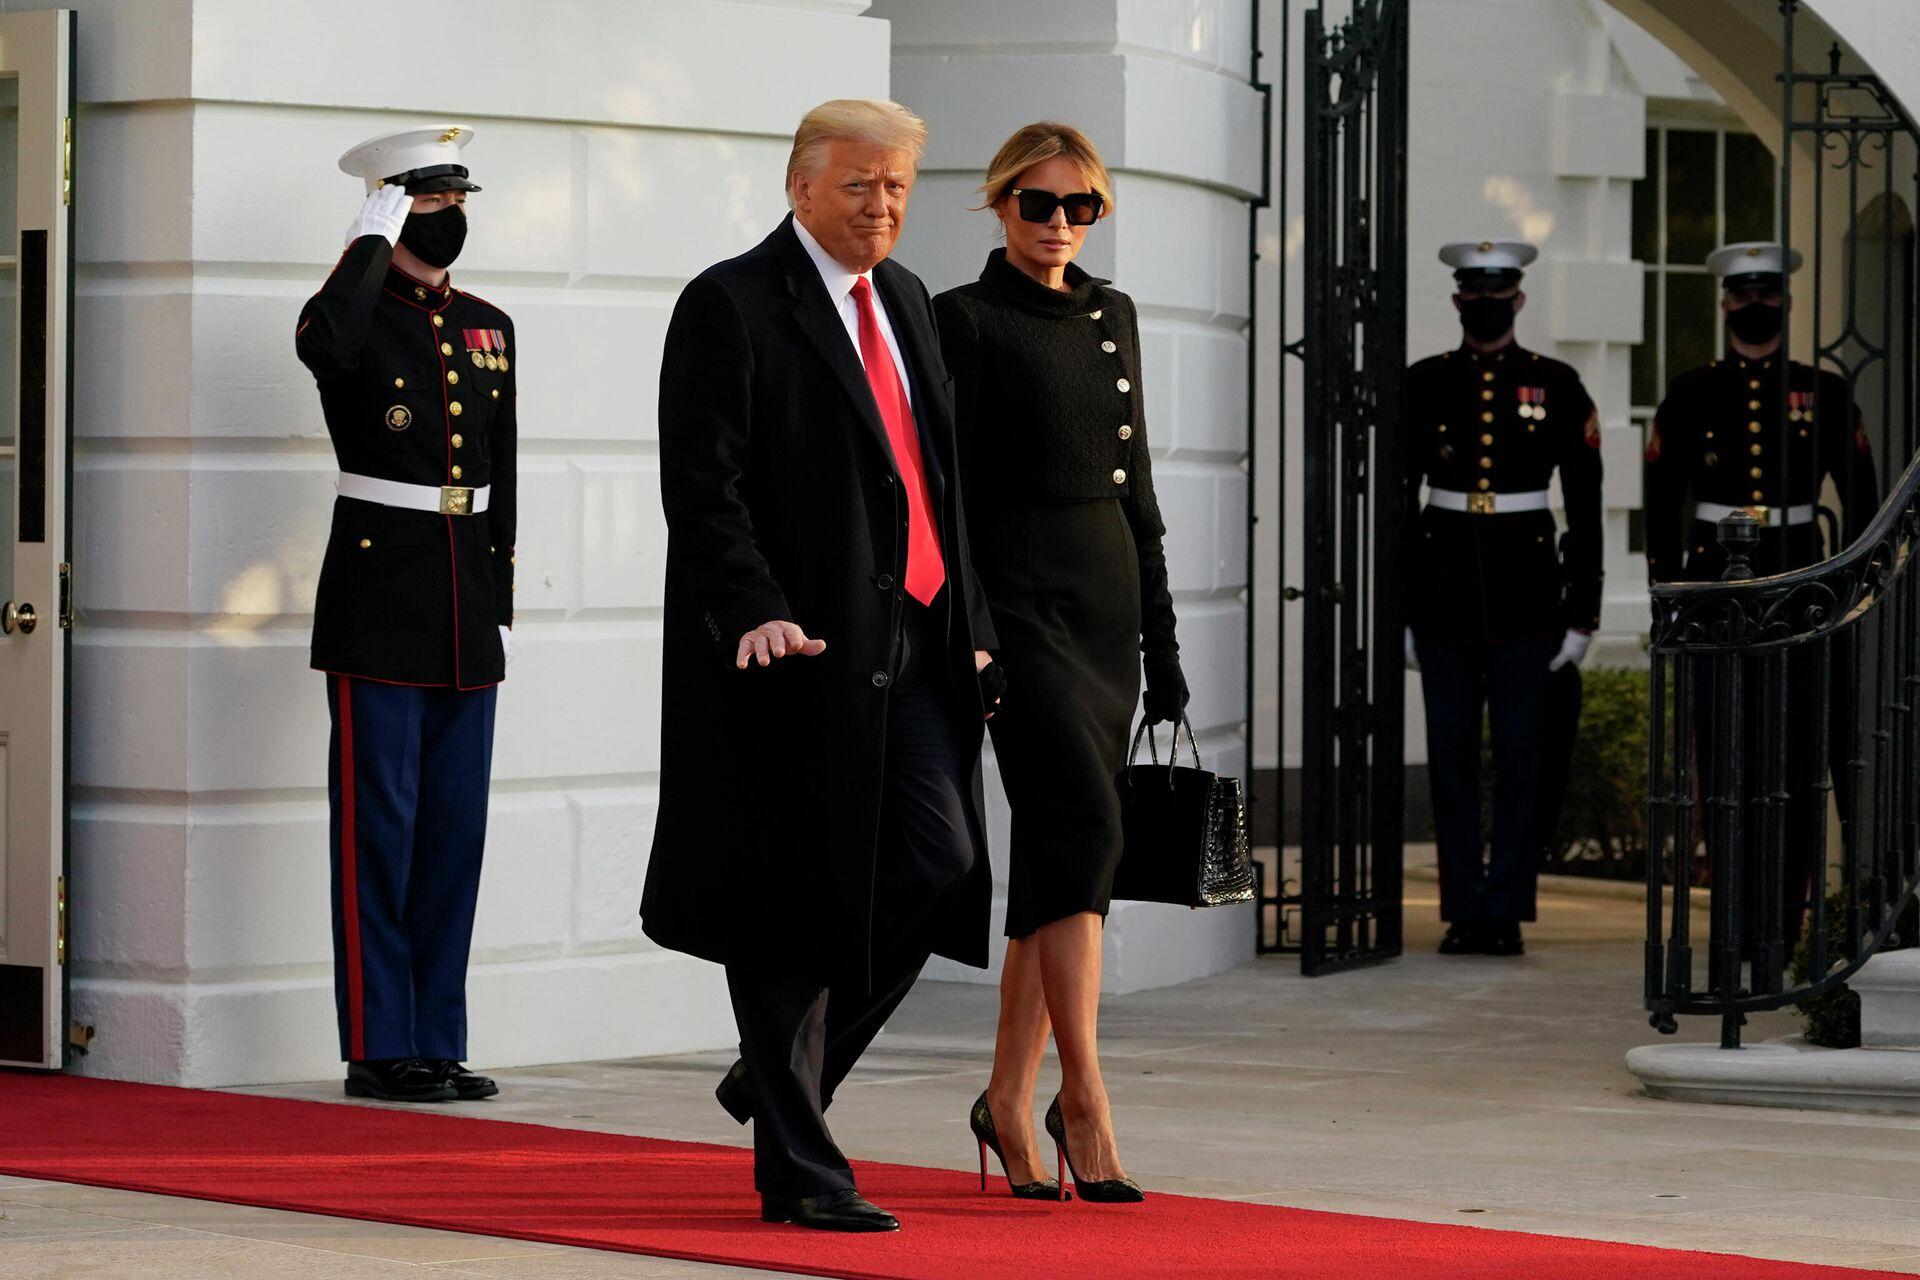 Президент США Дональд Трамп и его супруга Меланья покидают Белый дом - РИА Новости, 1920, 06.04.2021